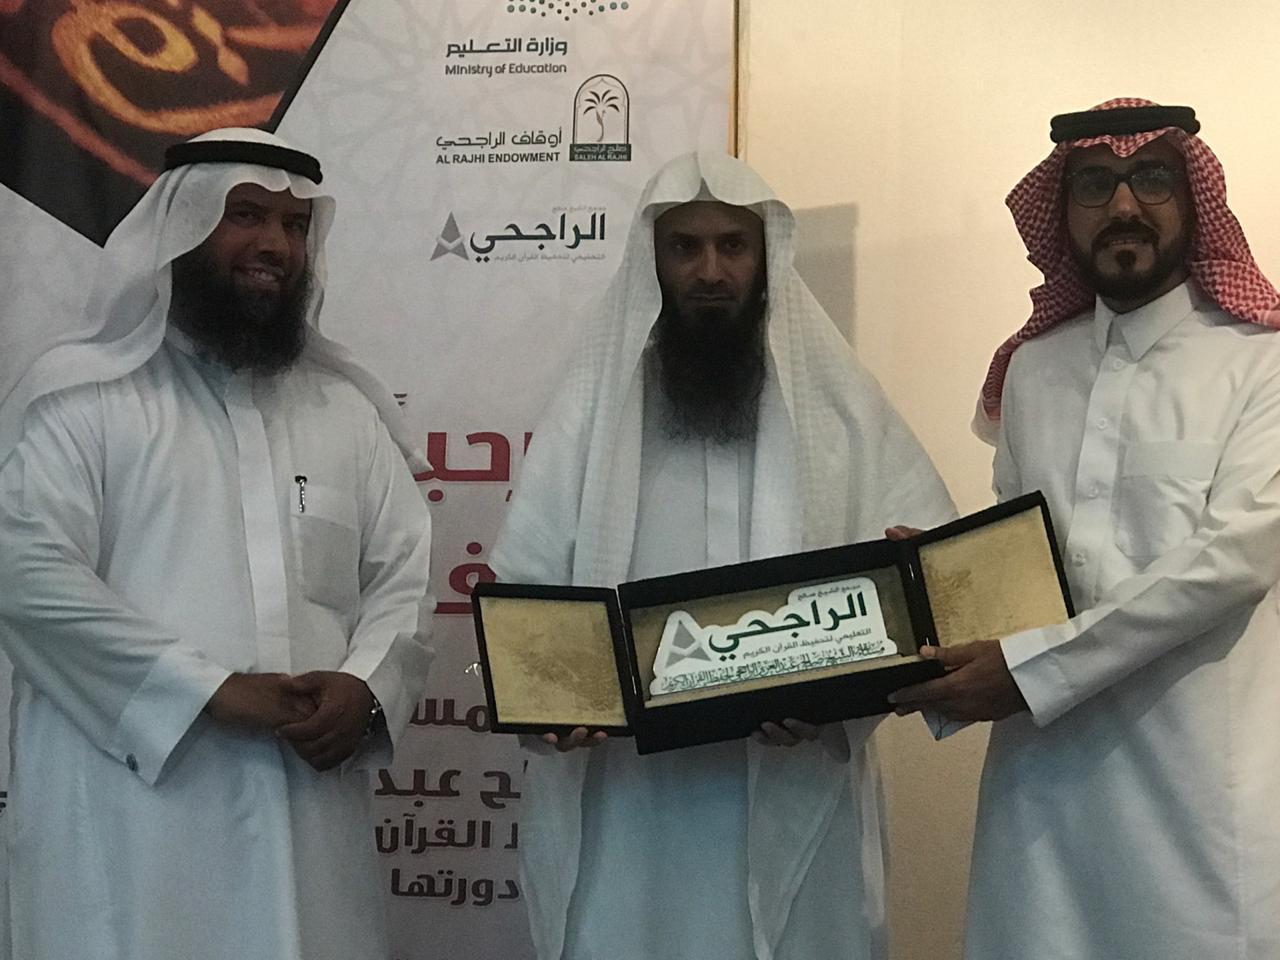 """تكريم 14 حافظآ للقرآن الكريم وأجزاء منه في مسابقة الشيخ """"الراجحي"""""""